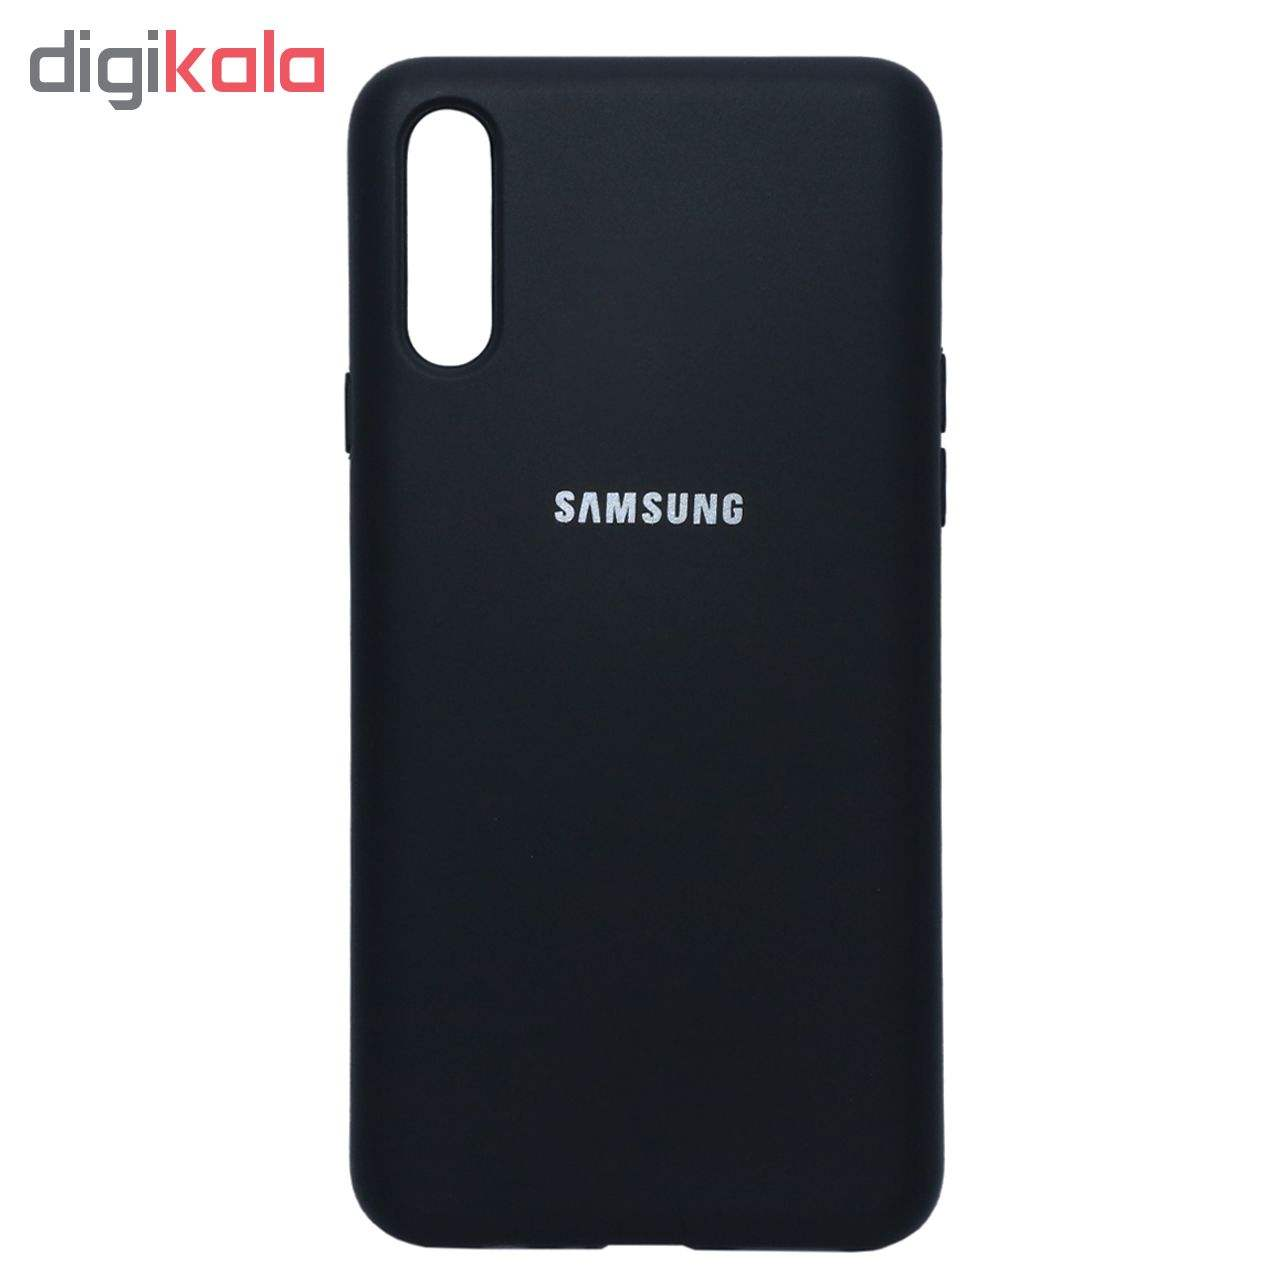 کاور مدل Sic-001 مناسب برای گوشی موبایل سامسونگ Galaxy A50/A30s/A50s main 1 1